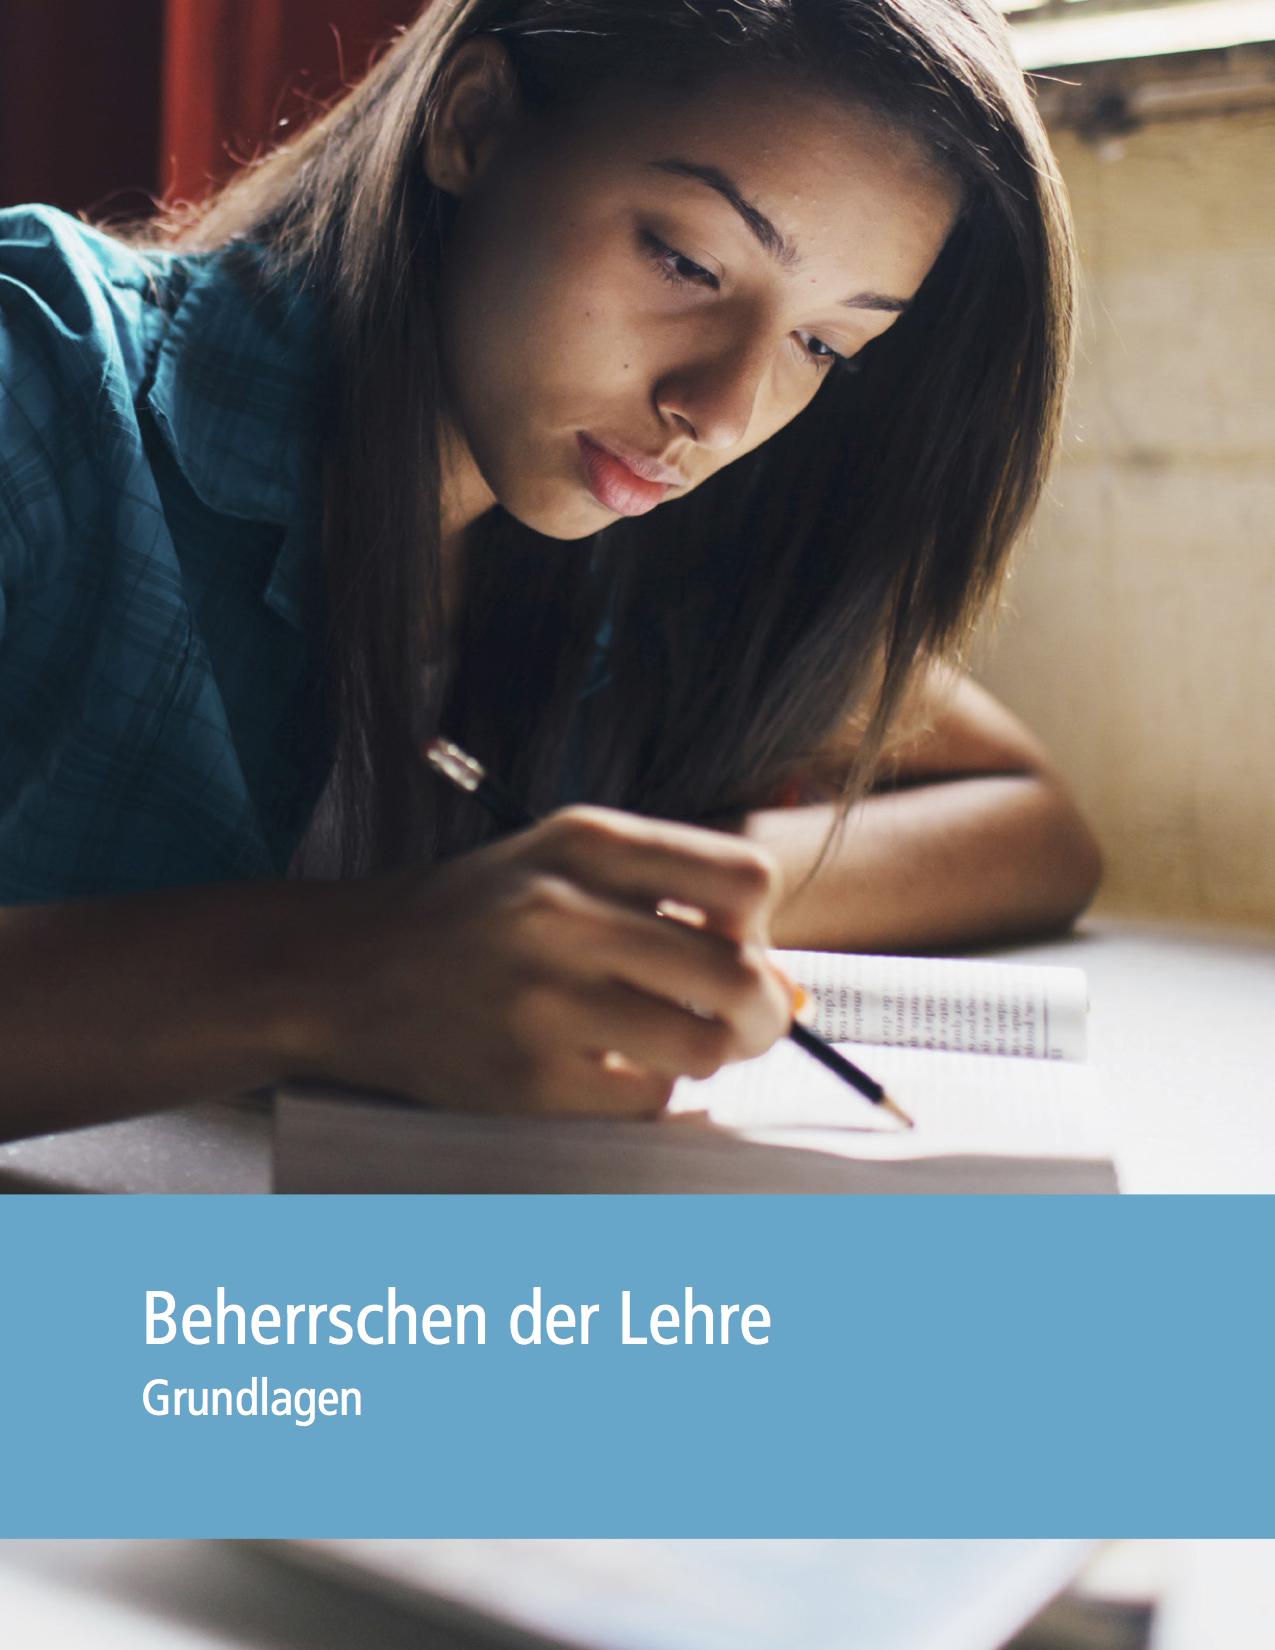 Beherrschen der Lehre– Grundlagen (Deckblatt)